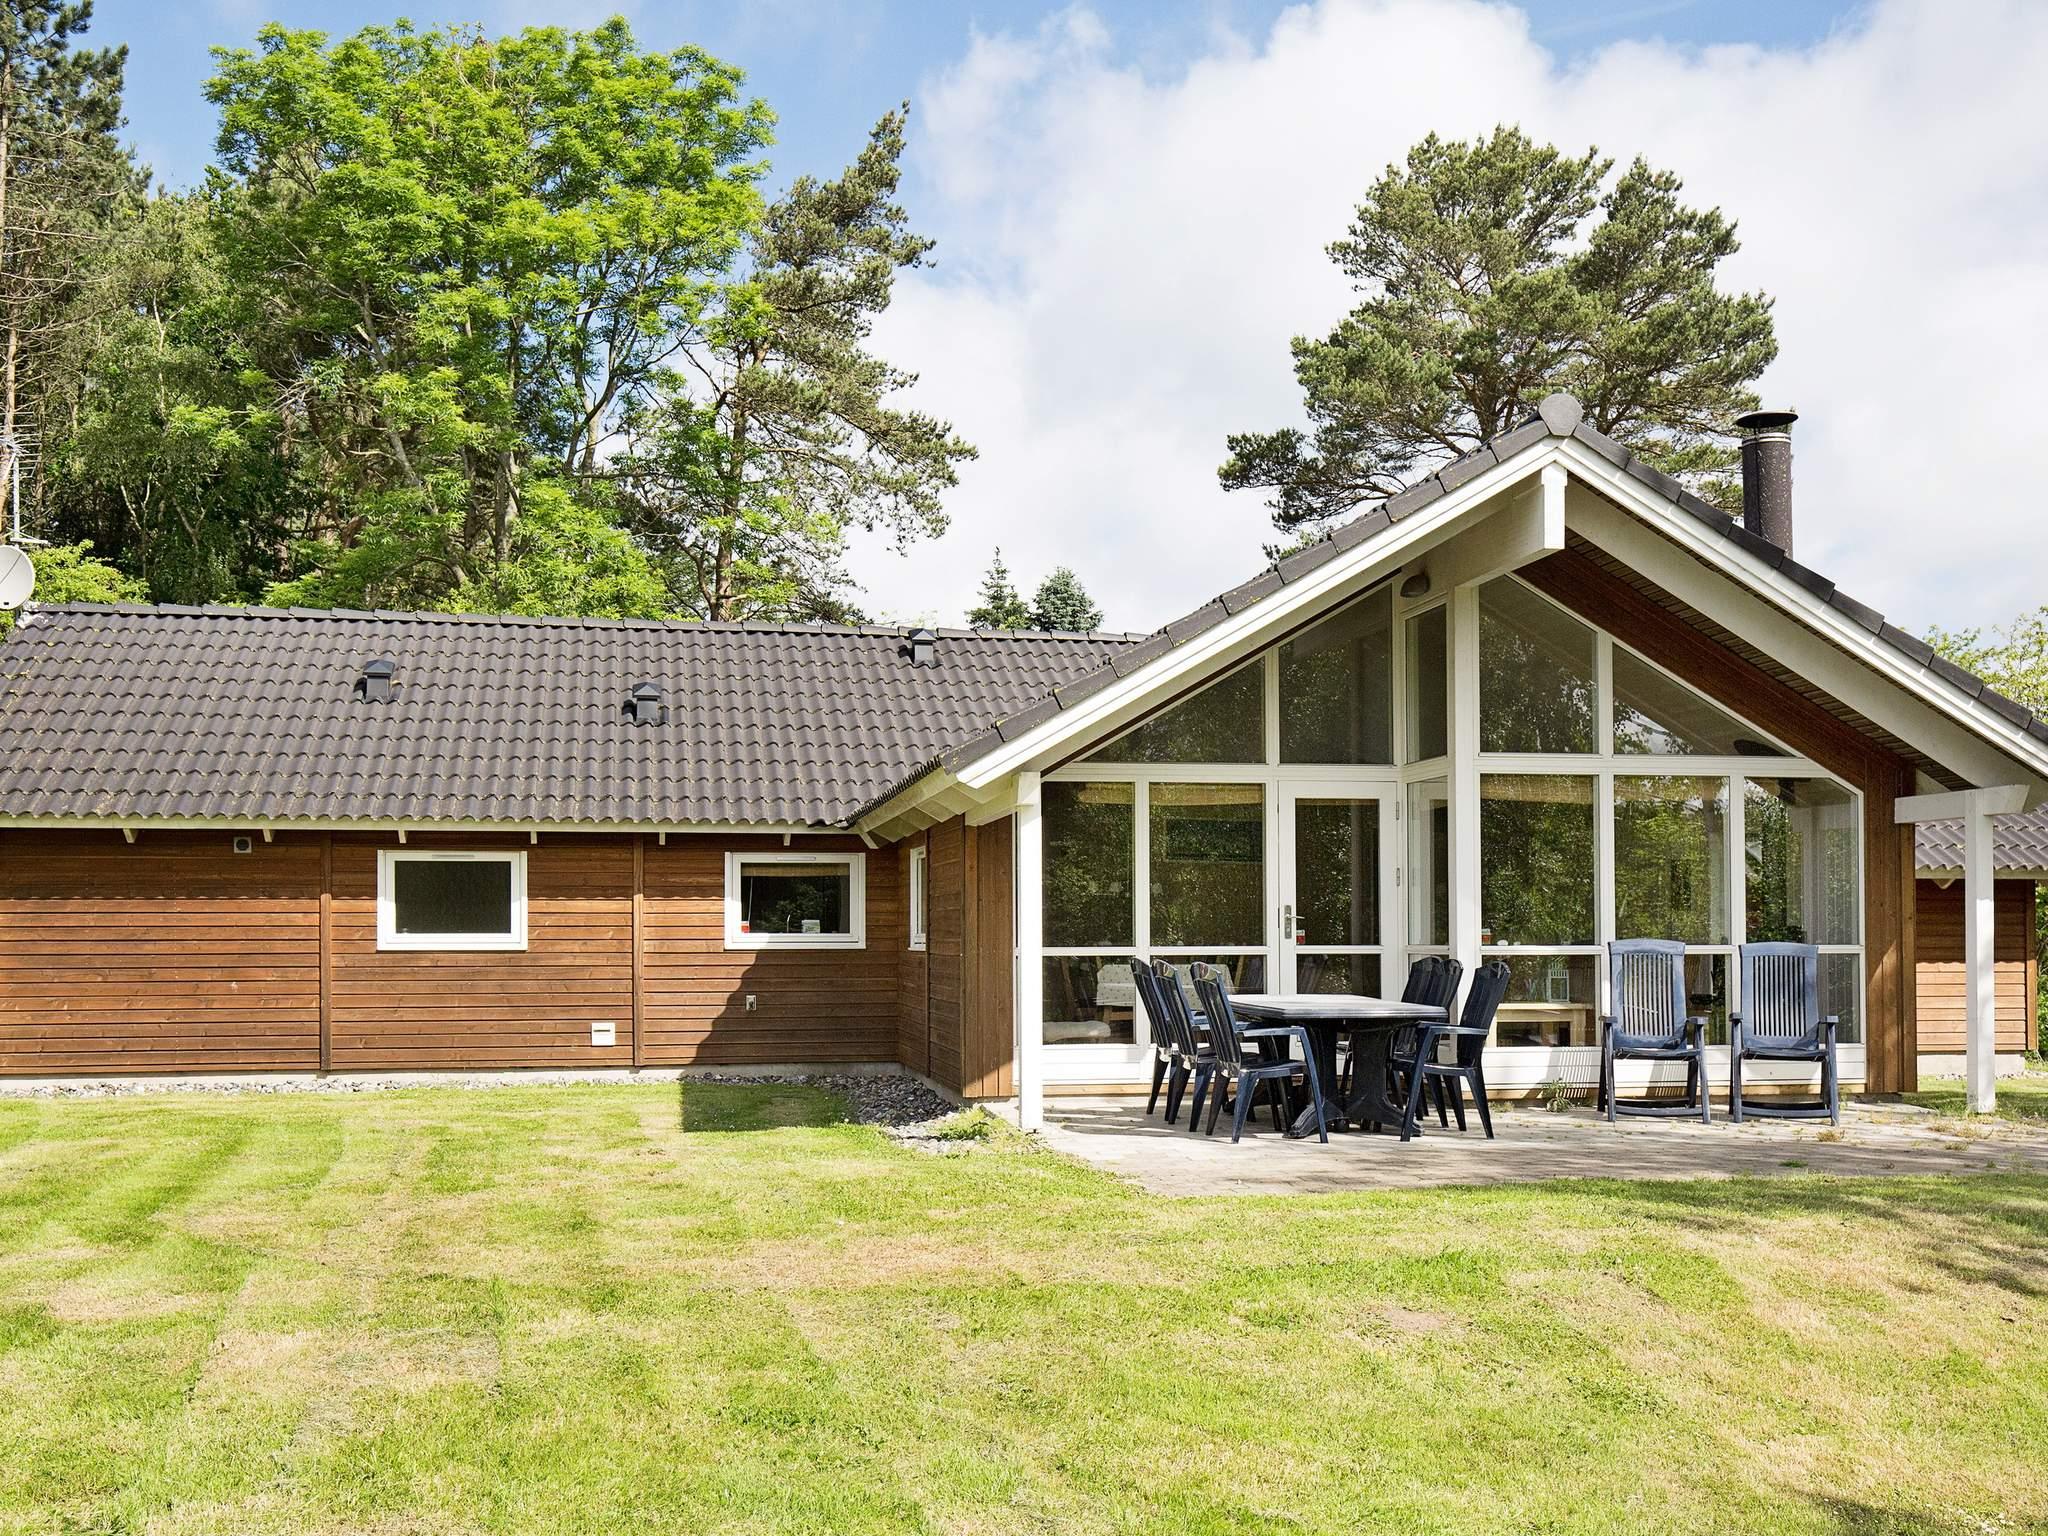 Ferienhaus Veddinge Bakker (216923), Asnæs, , Westseeland, Dänemark, Bild 17